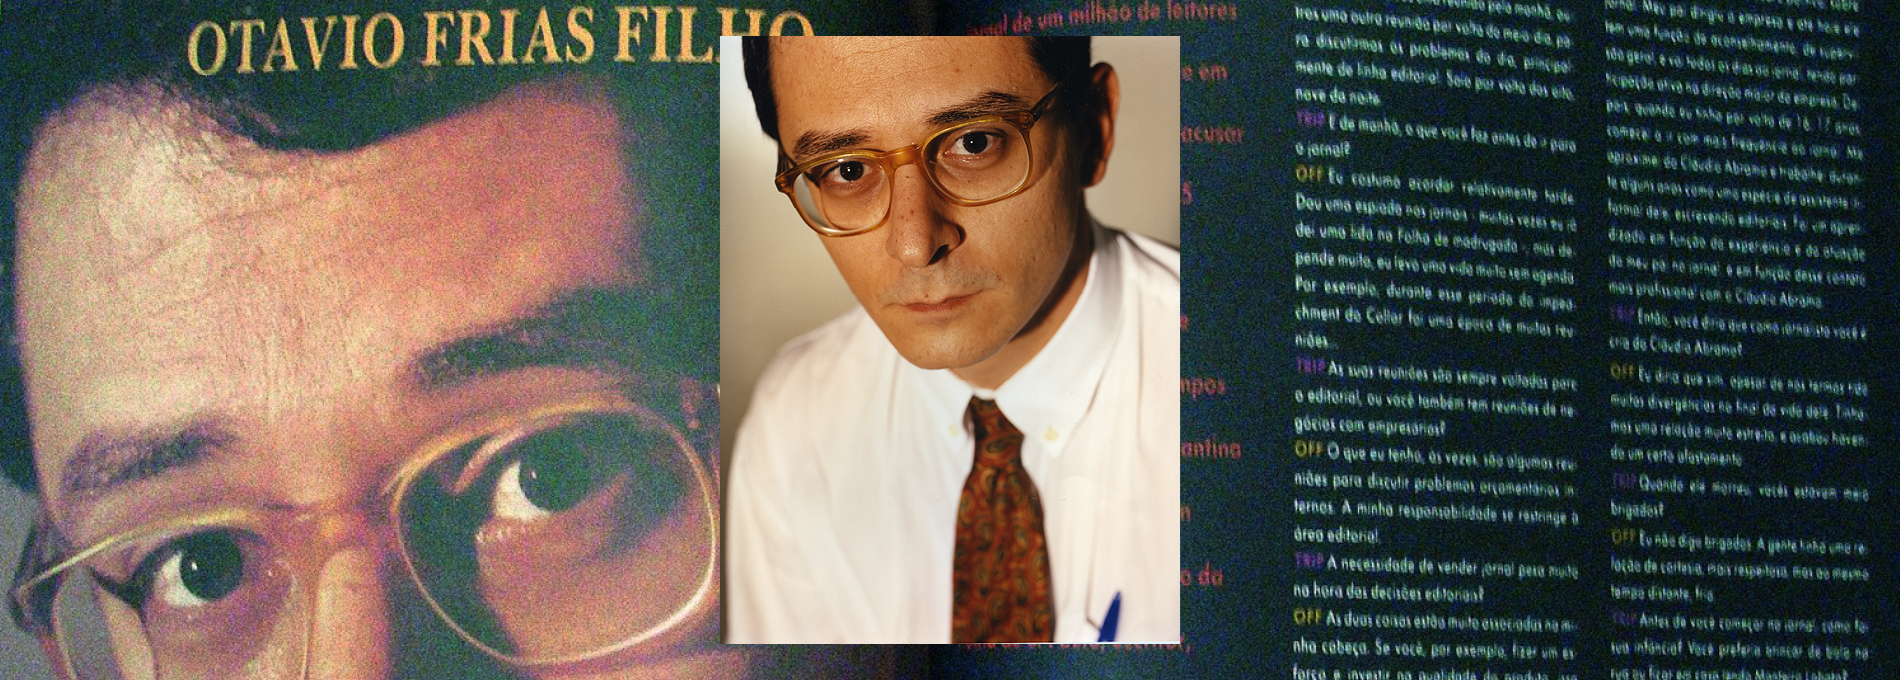 Otavio Frias Filho